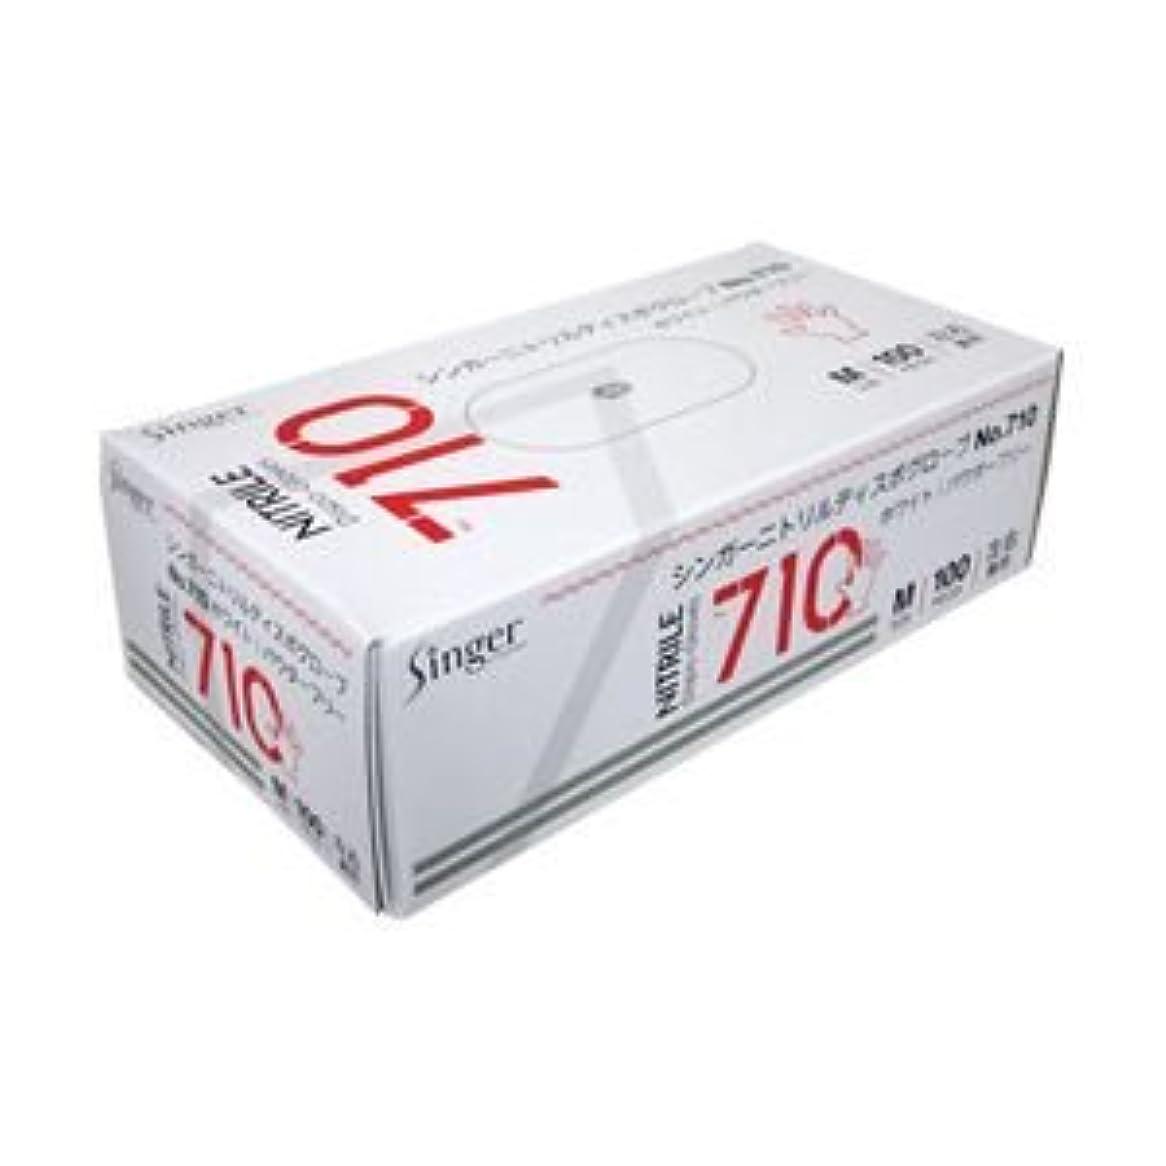 不均一資金放射する(業務用セット) 宇都宮製作 ニトリル手袋710 粉なし M 1箱(100枚) 【×5セット】